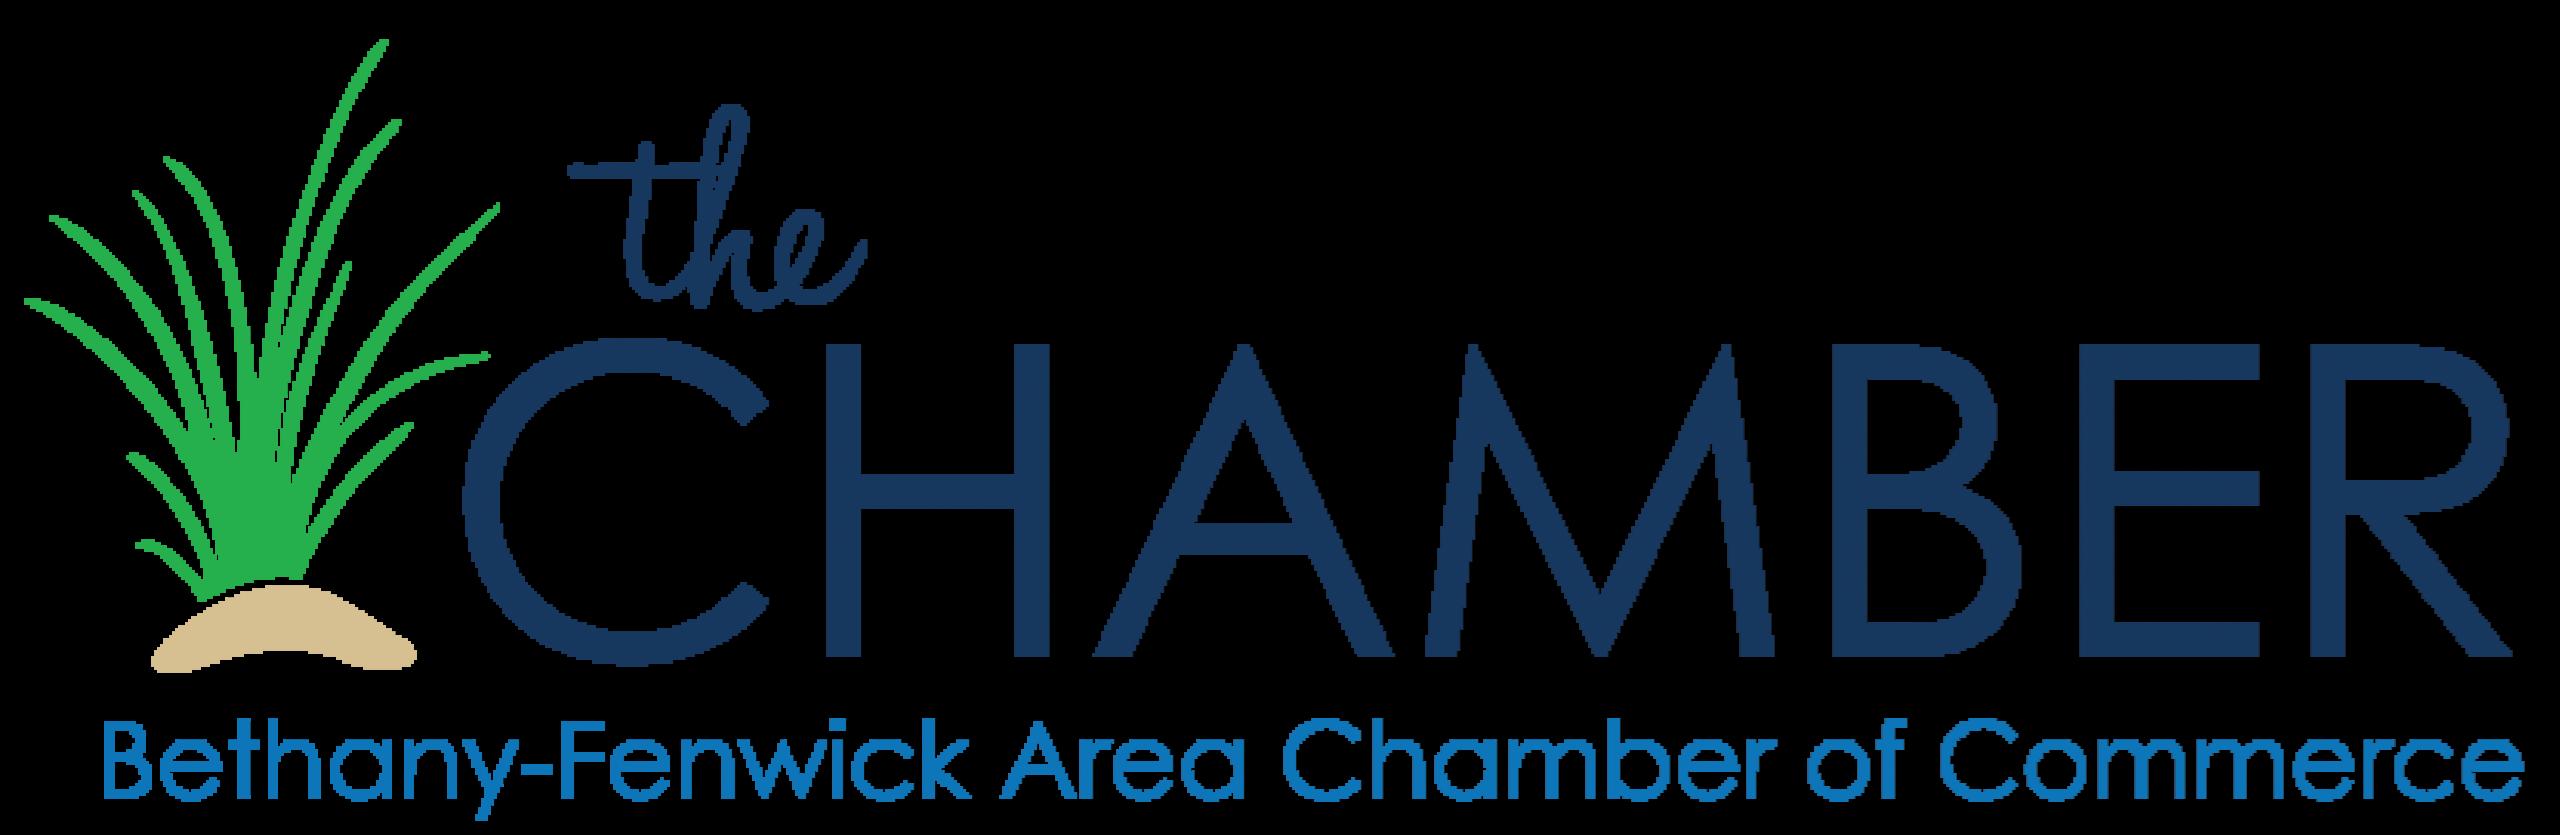 Bethany-Fenwick Area Chamber of Commerce logo